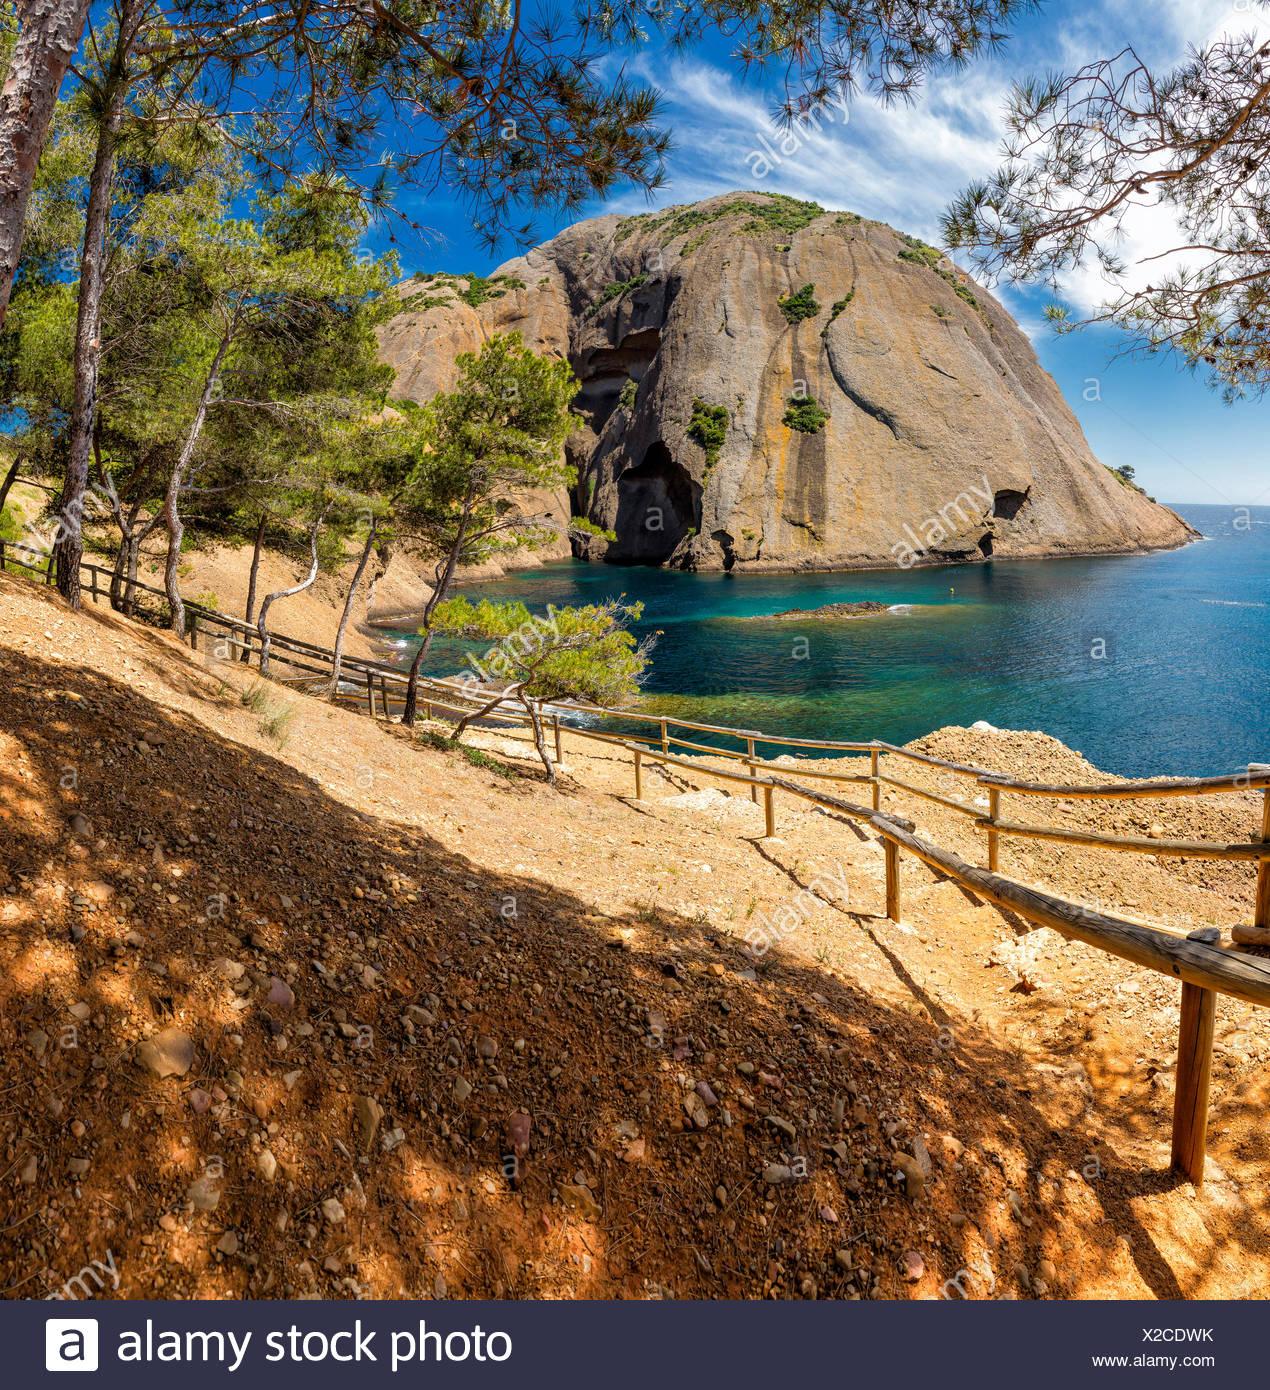 Anse du sec, du paysage, de l'eau, les arbres, l'été, les montagnes, la mer, La Ciotat, Var, France, Europe, Photo Stock